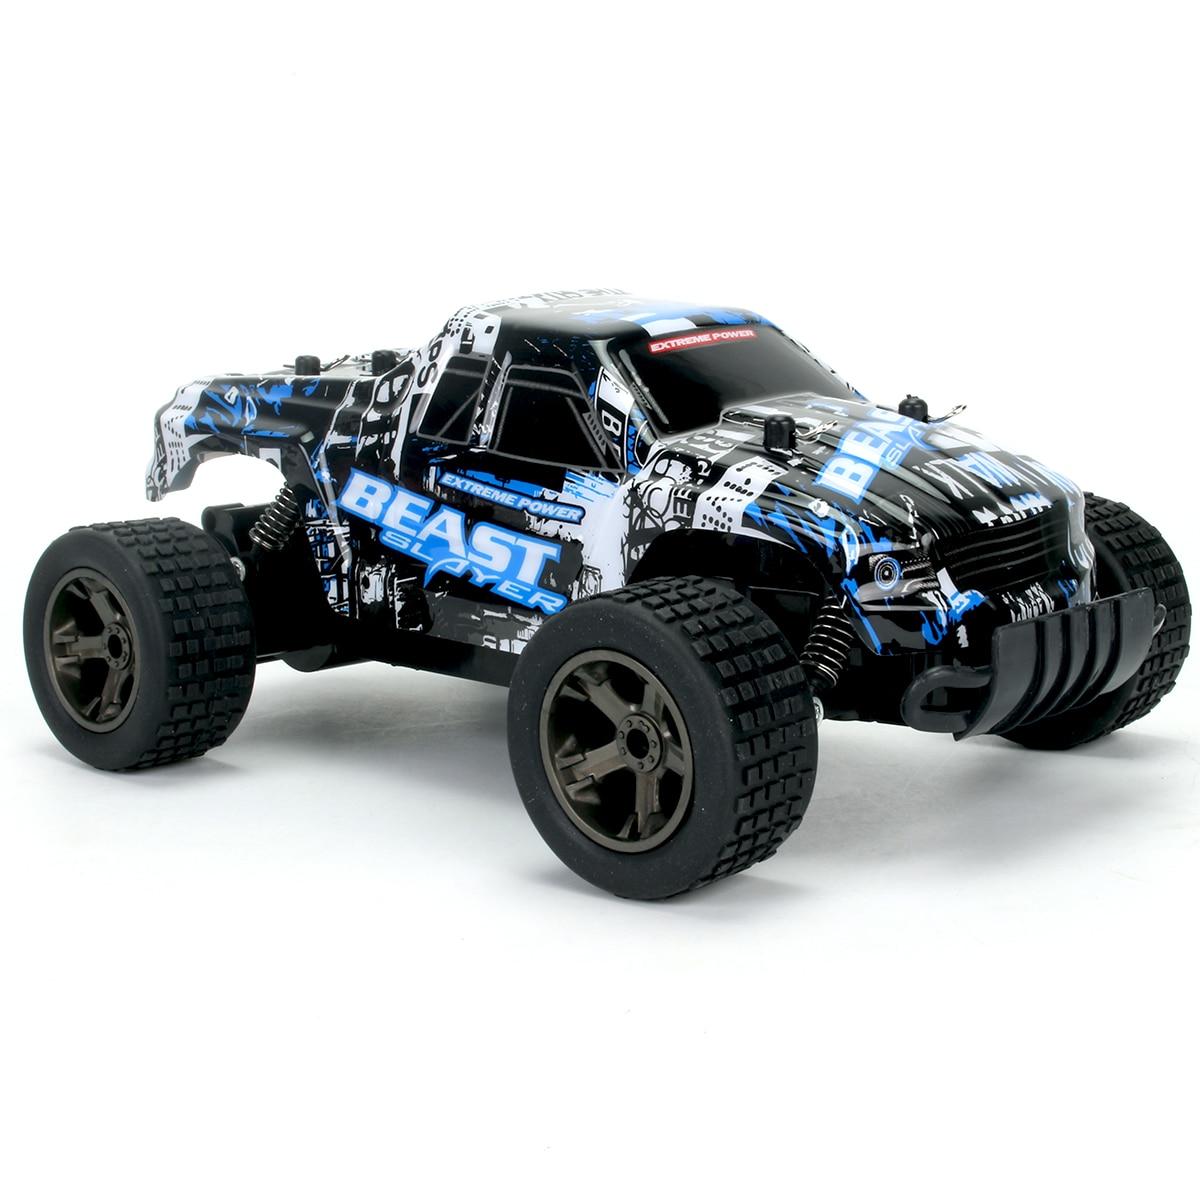 Nuevo coche RC 2811 2,4G 20 KM/H de alta velocidad coche de carreras escalada coche a Control remoto RC coche eléctrico fuera de carretera camión 1:20 RC